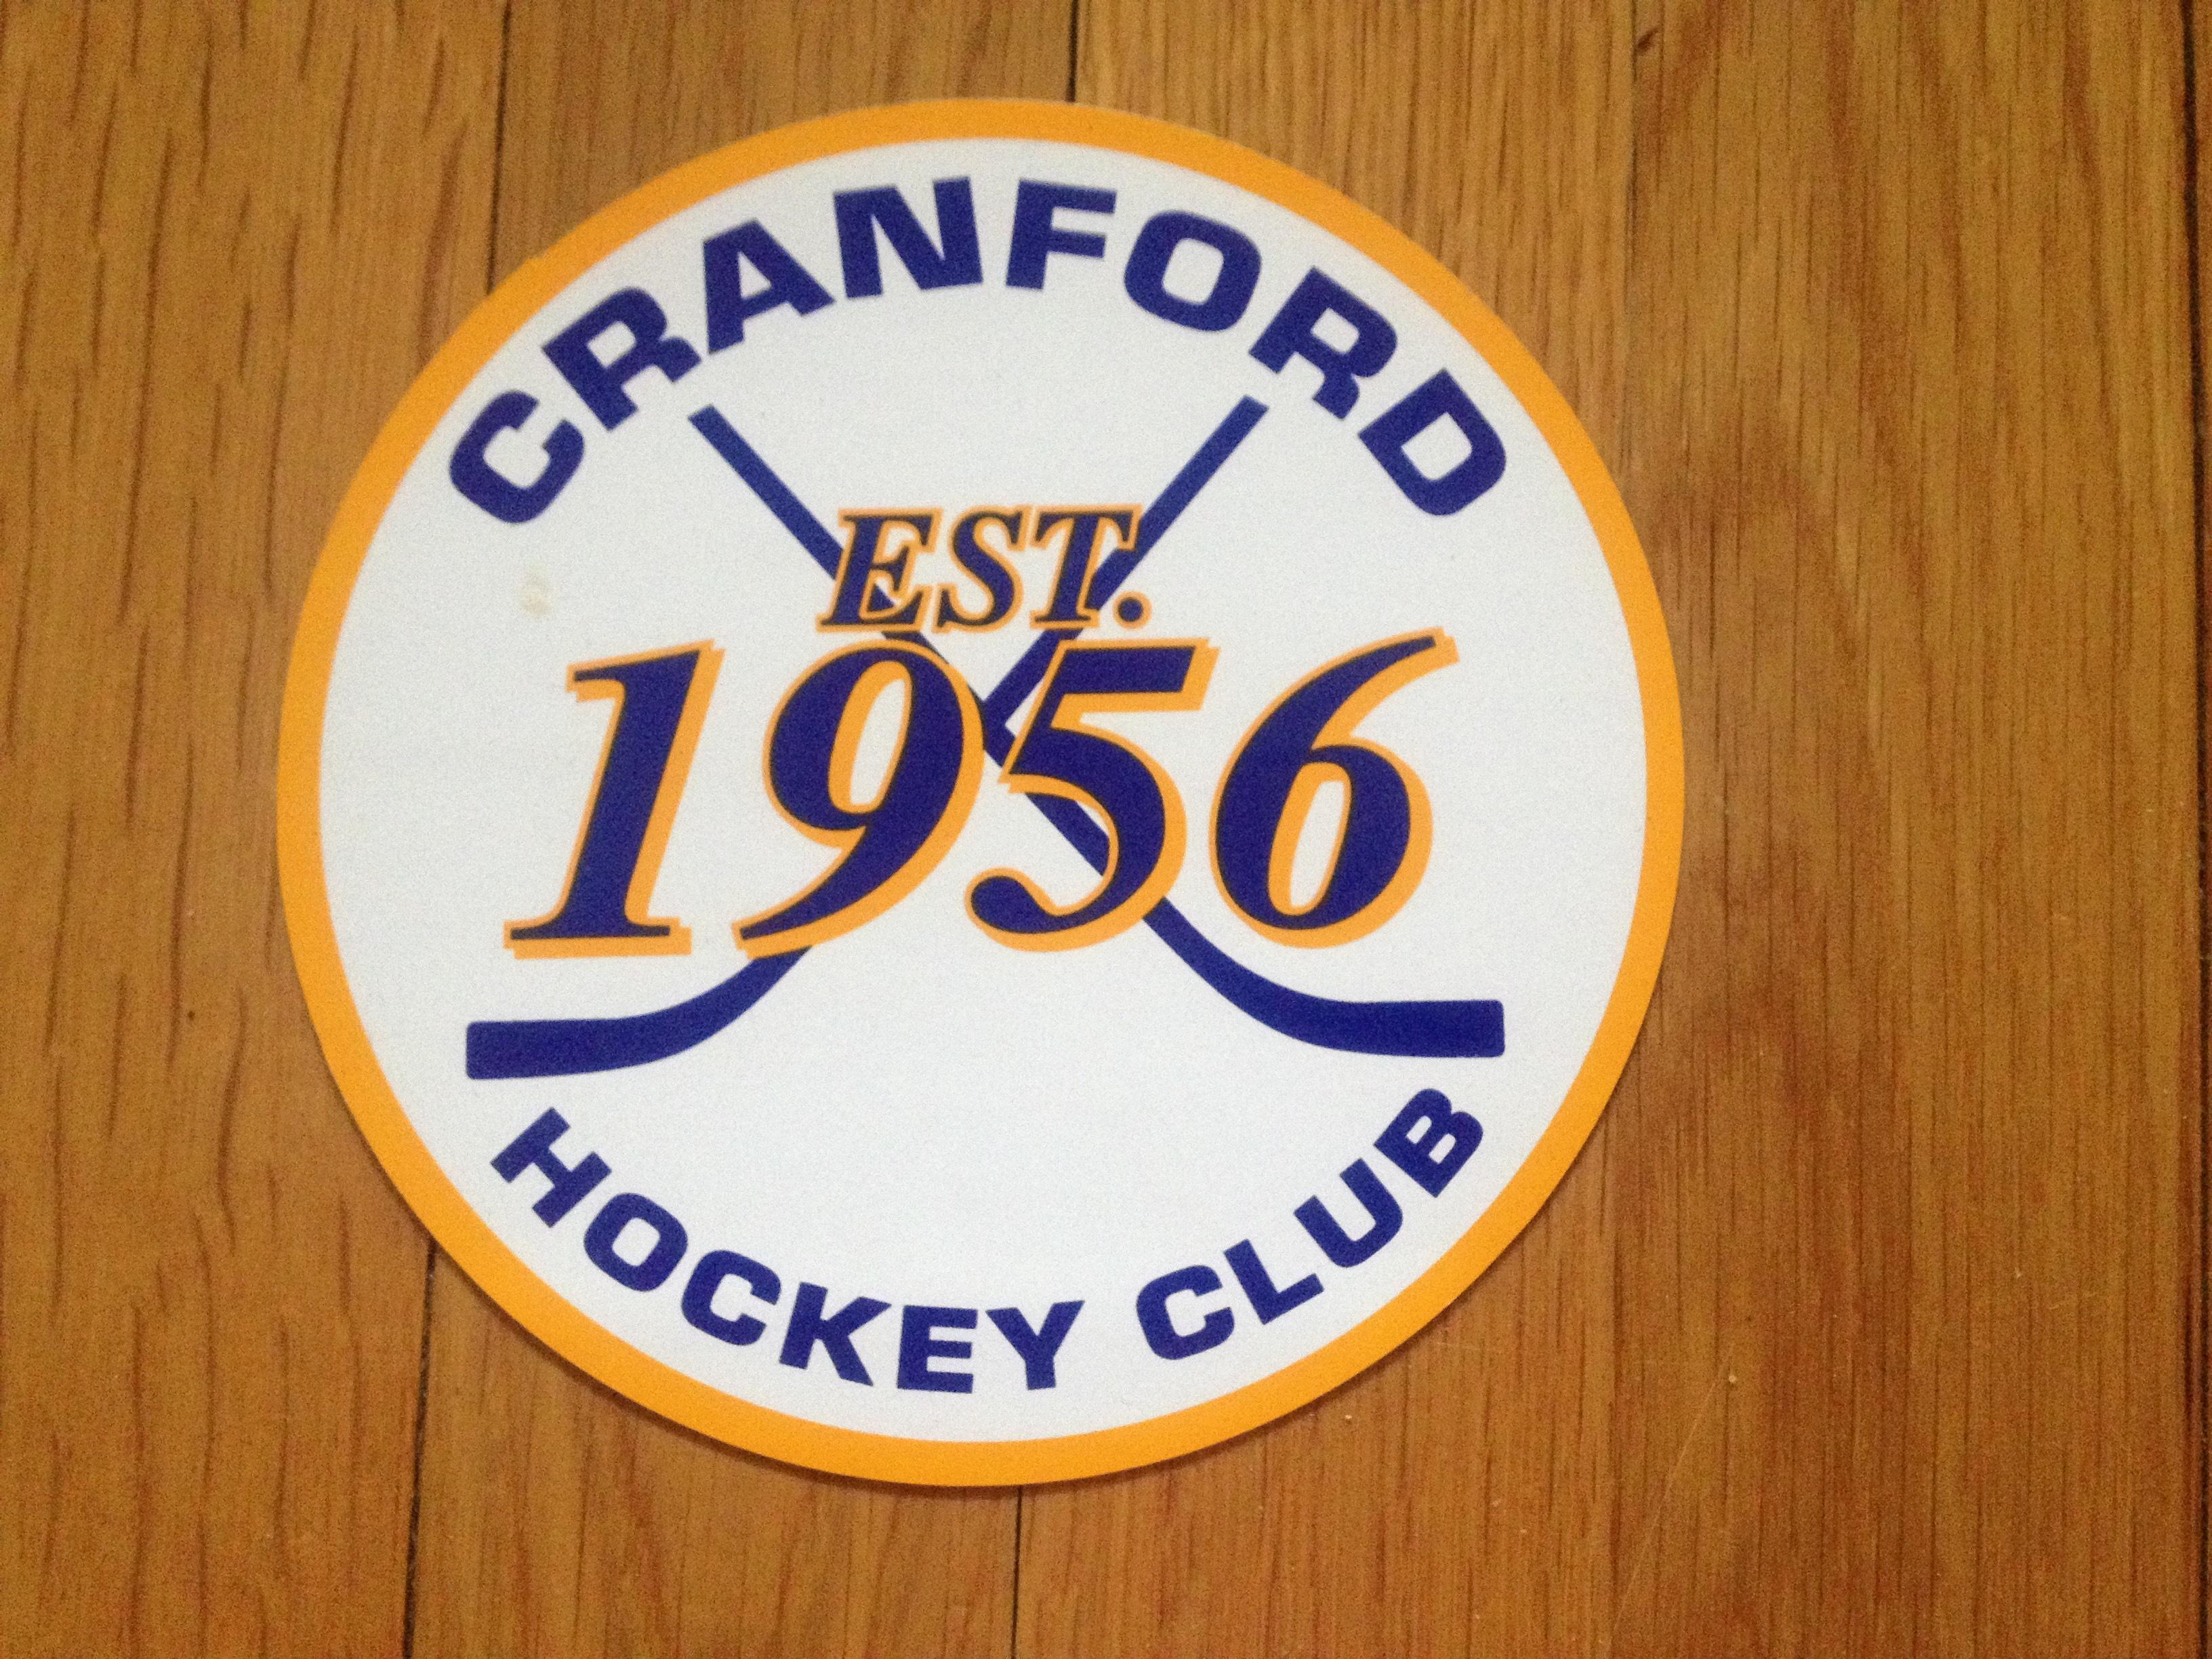 f8fcfc8b207f9da4d996_hockey_club.jpg